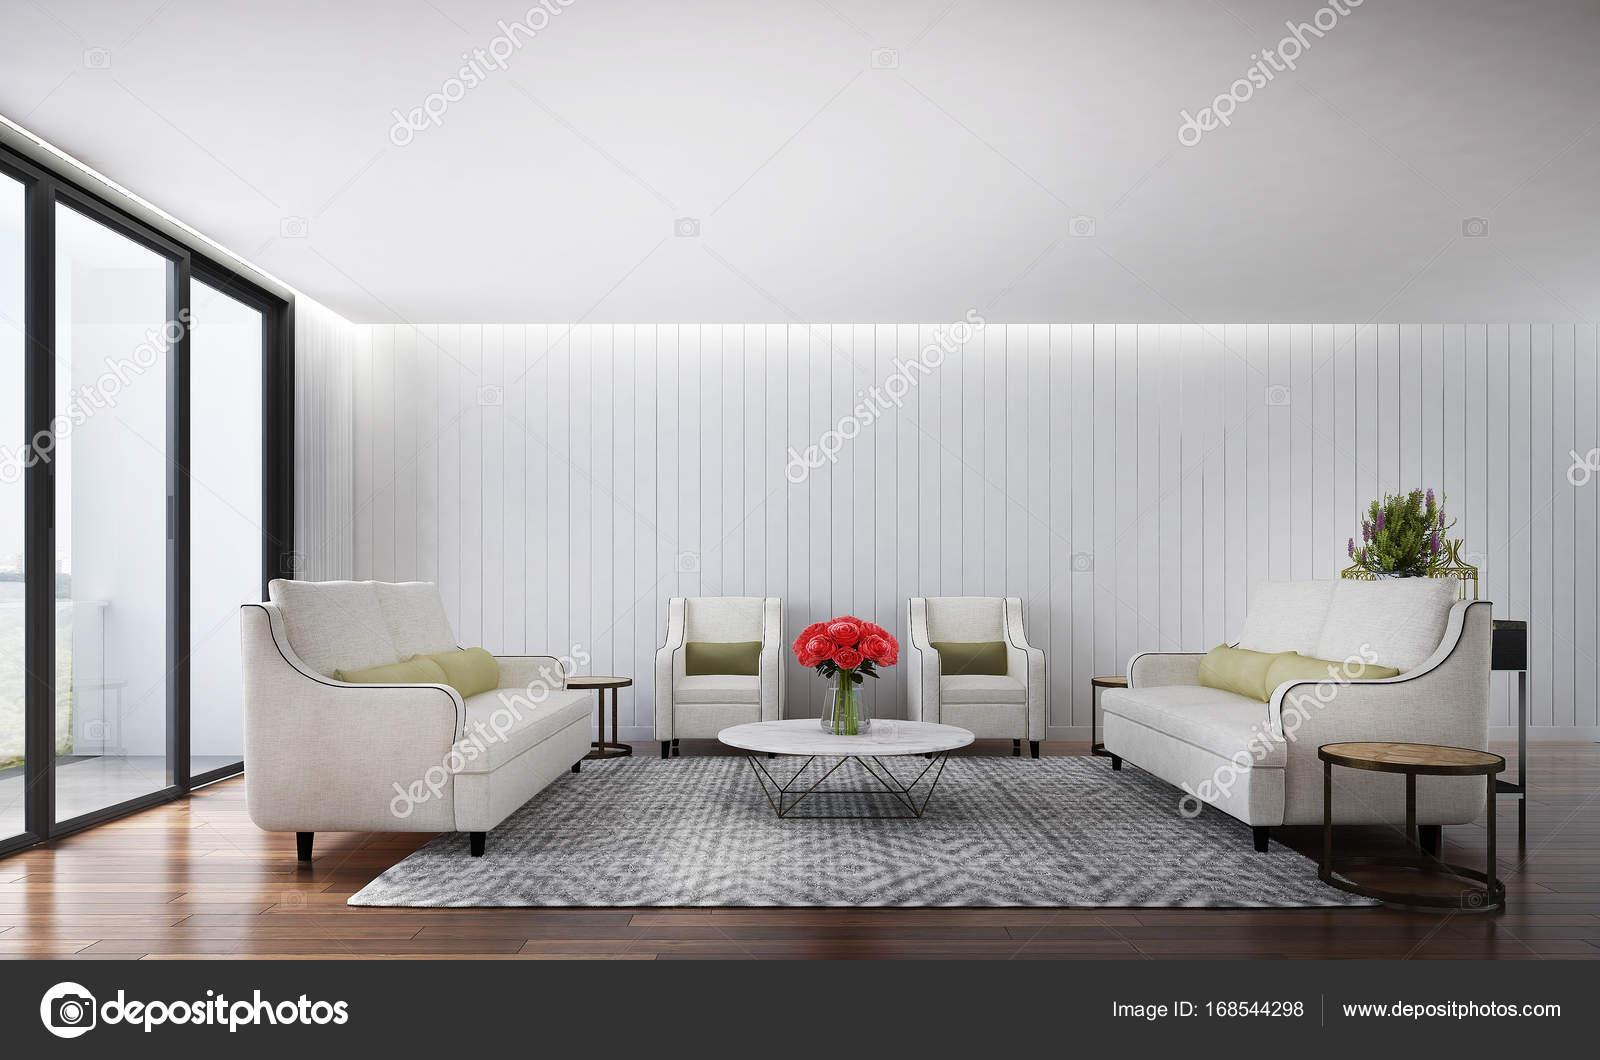 Das Interior Design des Luxus Lounge Sofa und Wohnzimmer und Holz ...